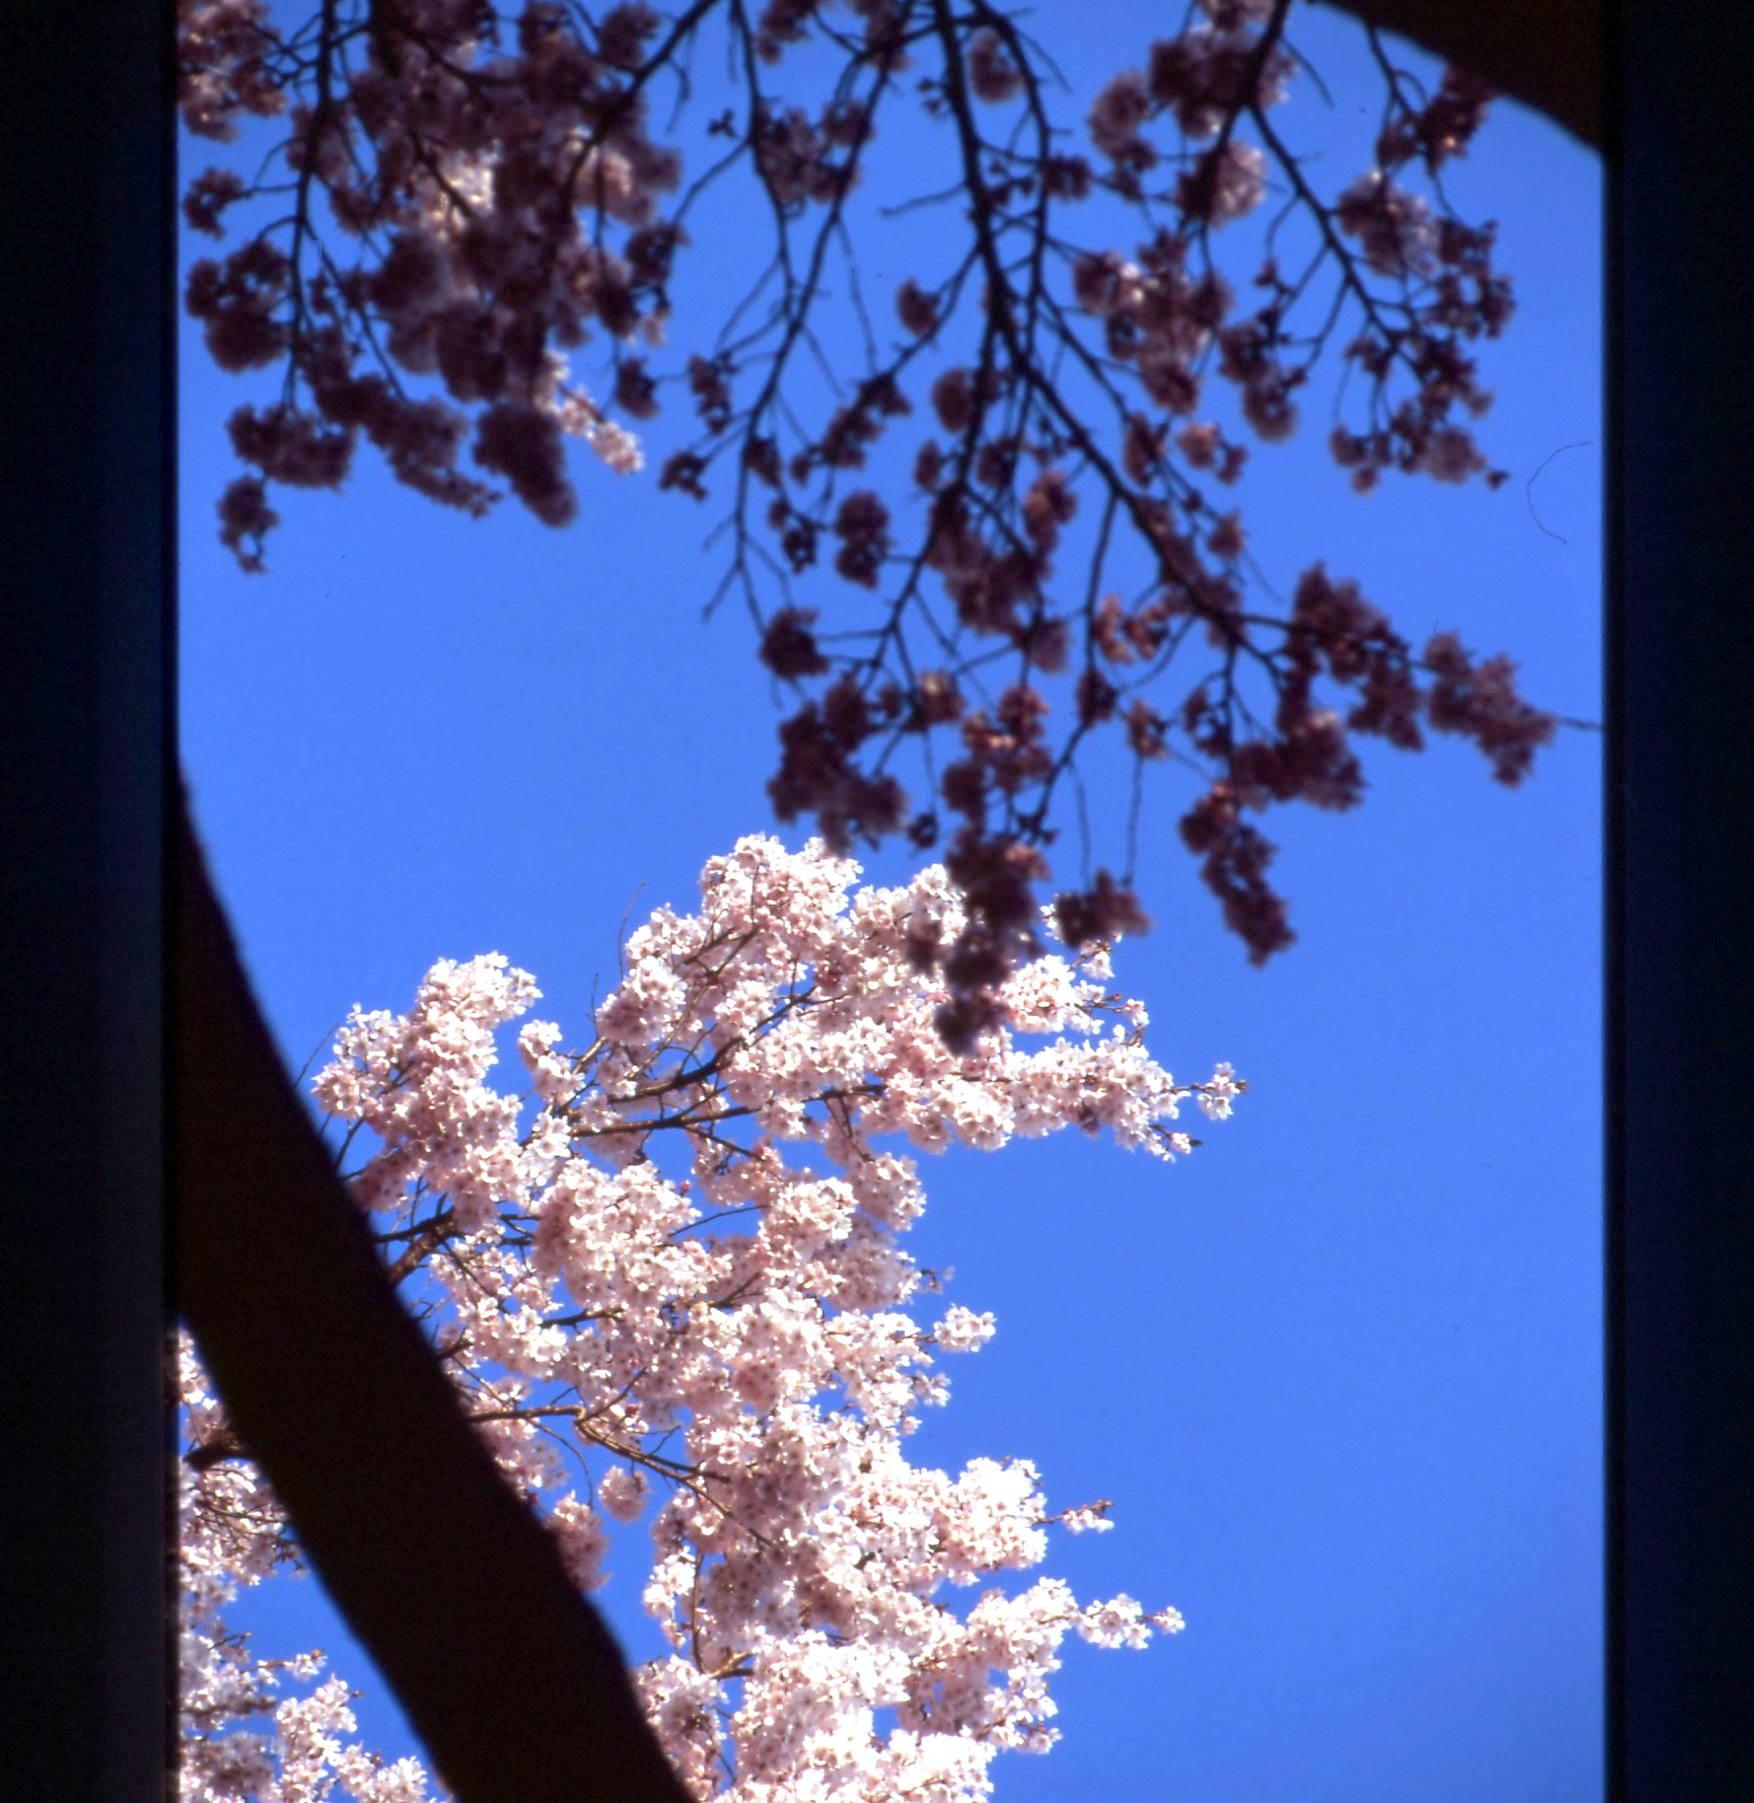 車窓から_f0079943_15163877.jpg